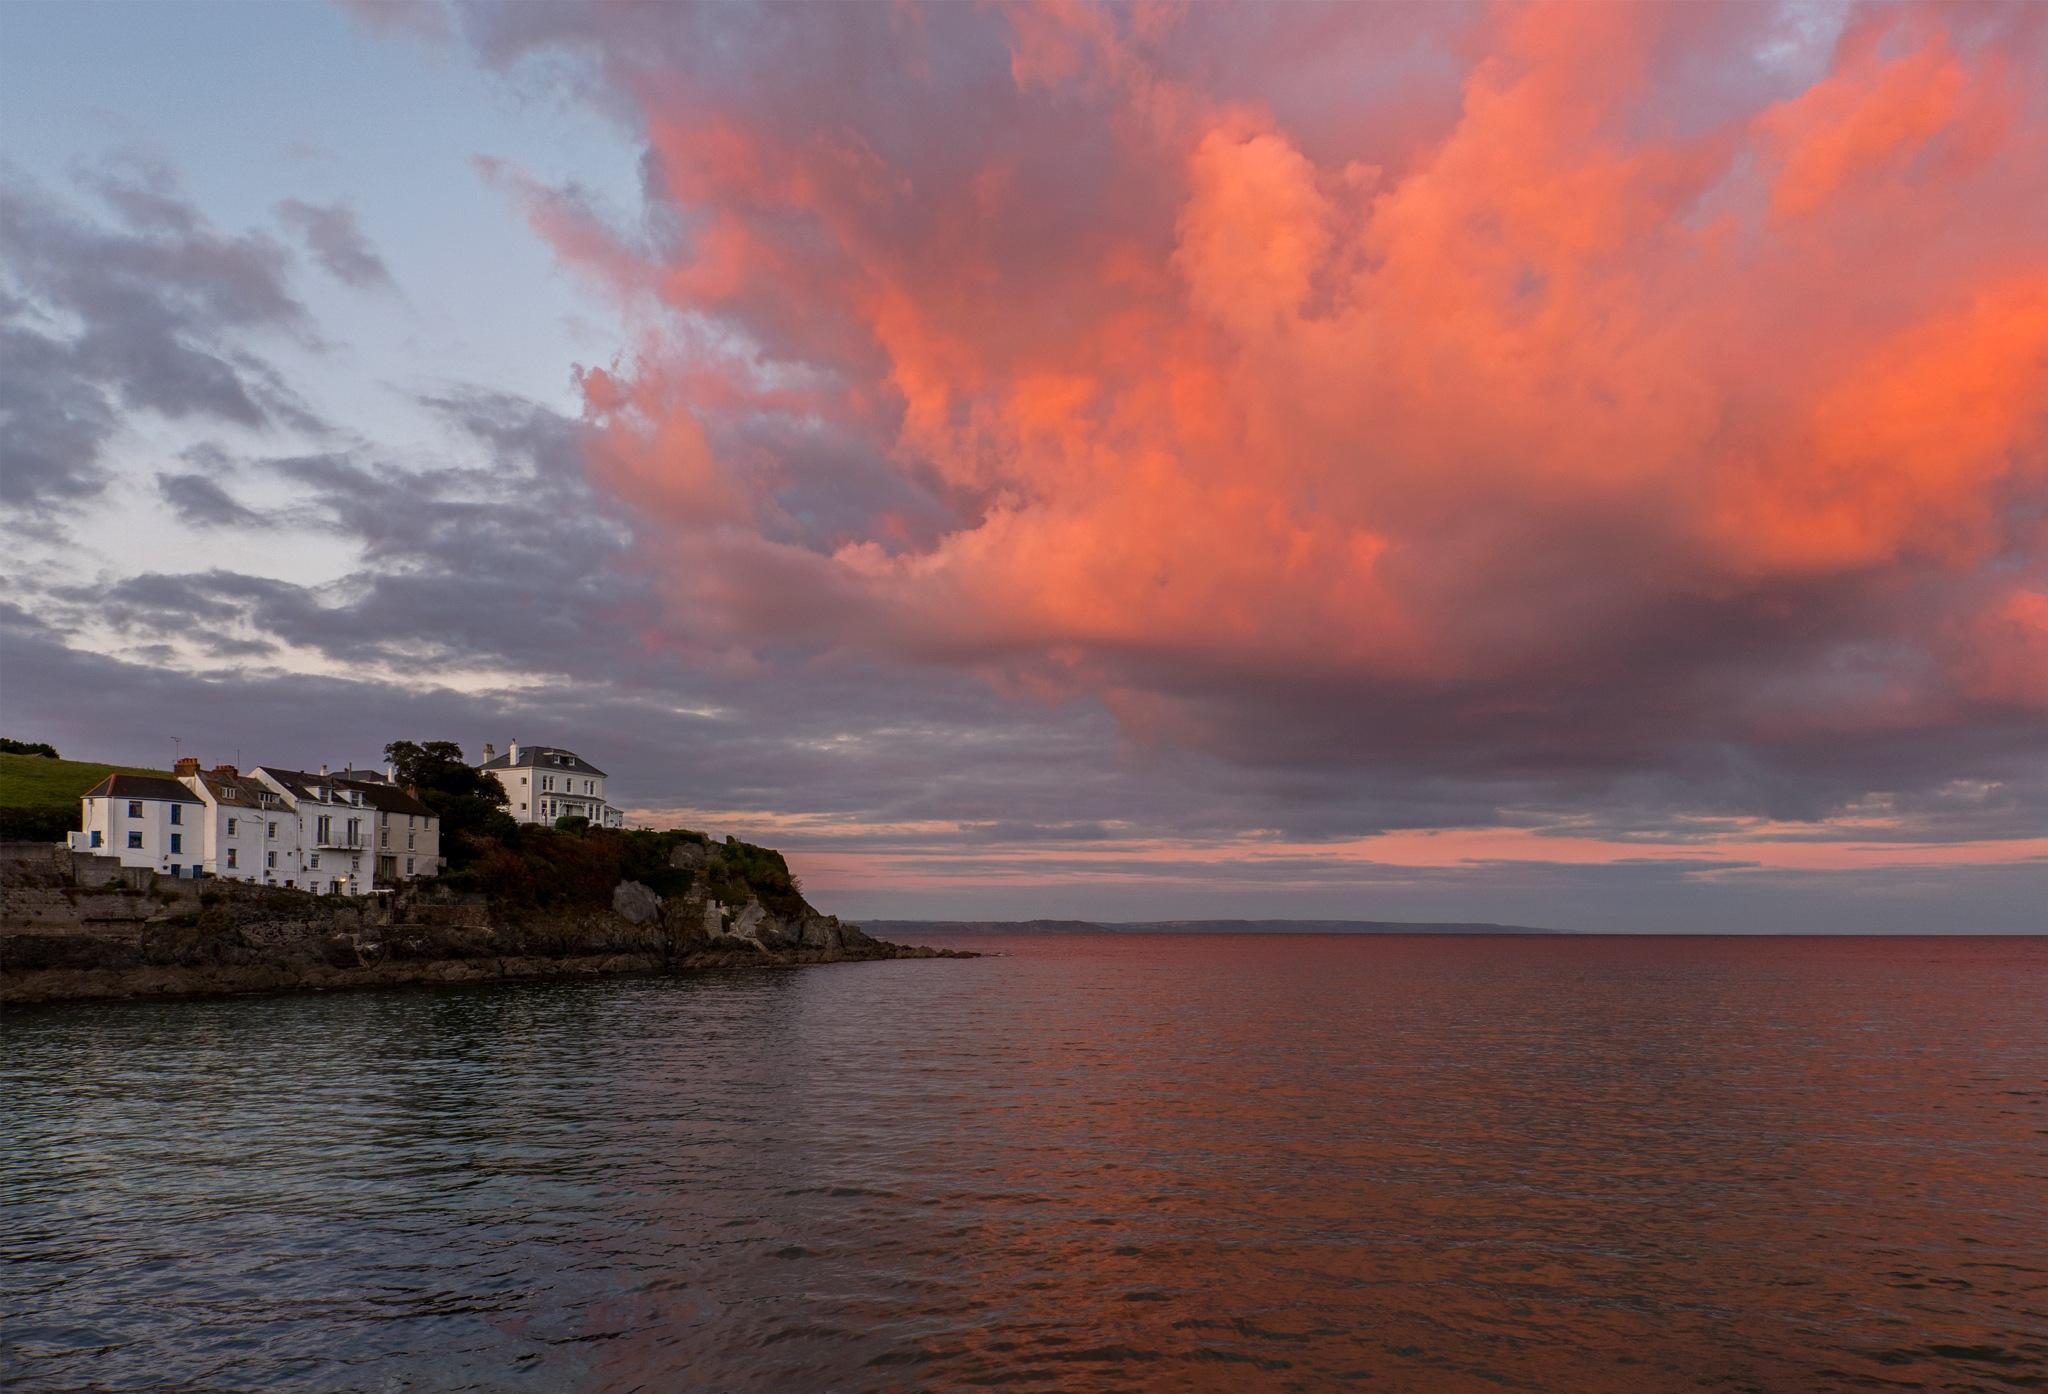 Cornish Sunset by John See